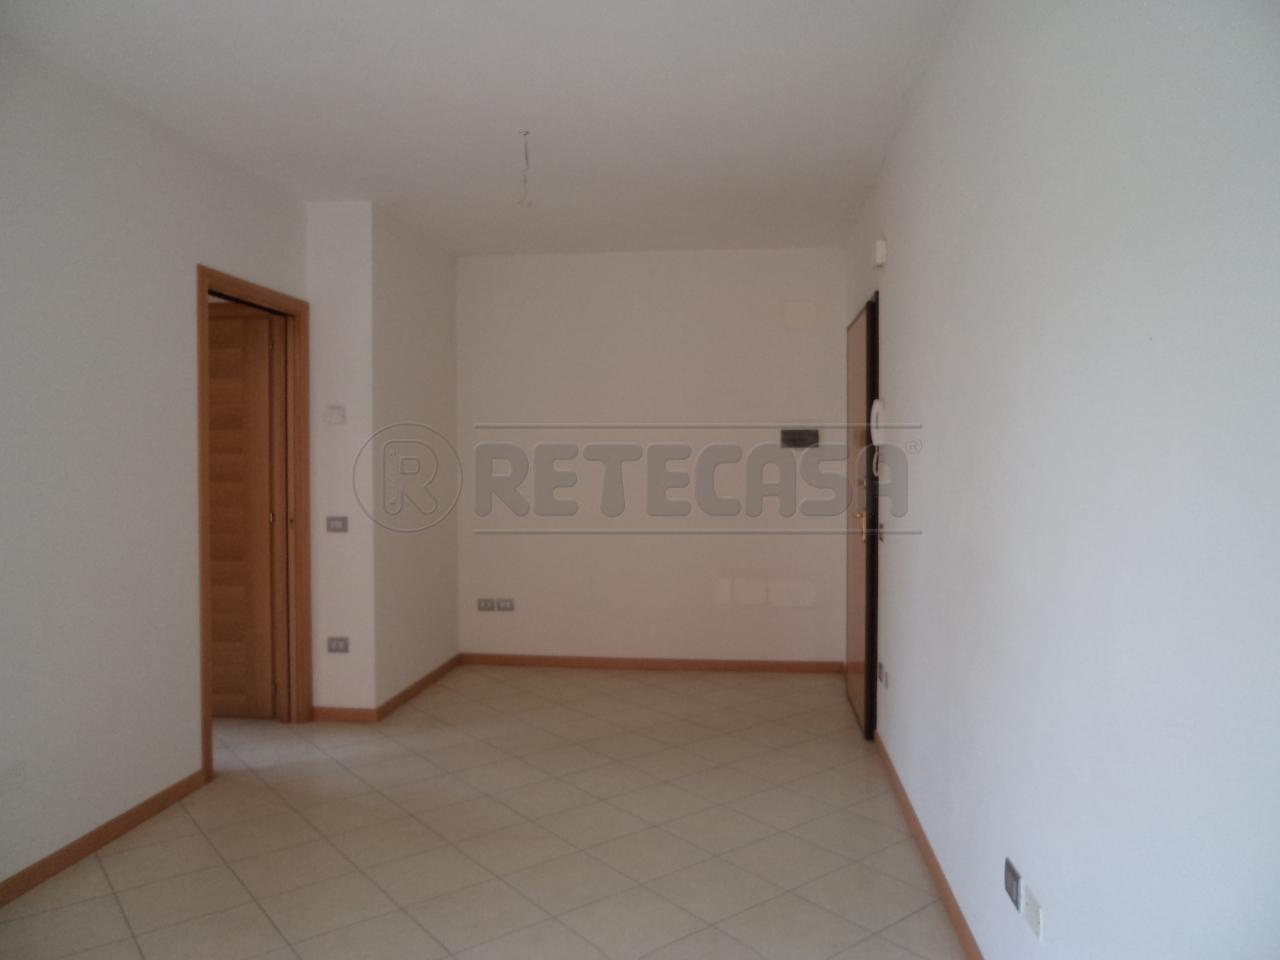 Appartamento in vendita Rif. 7503499